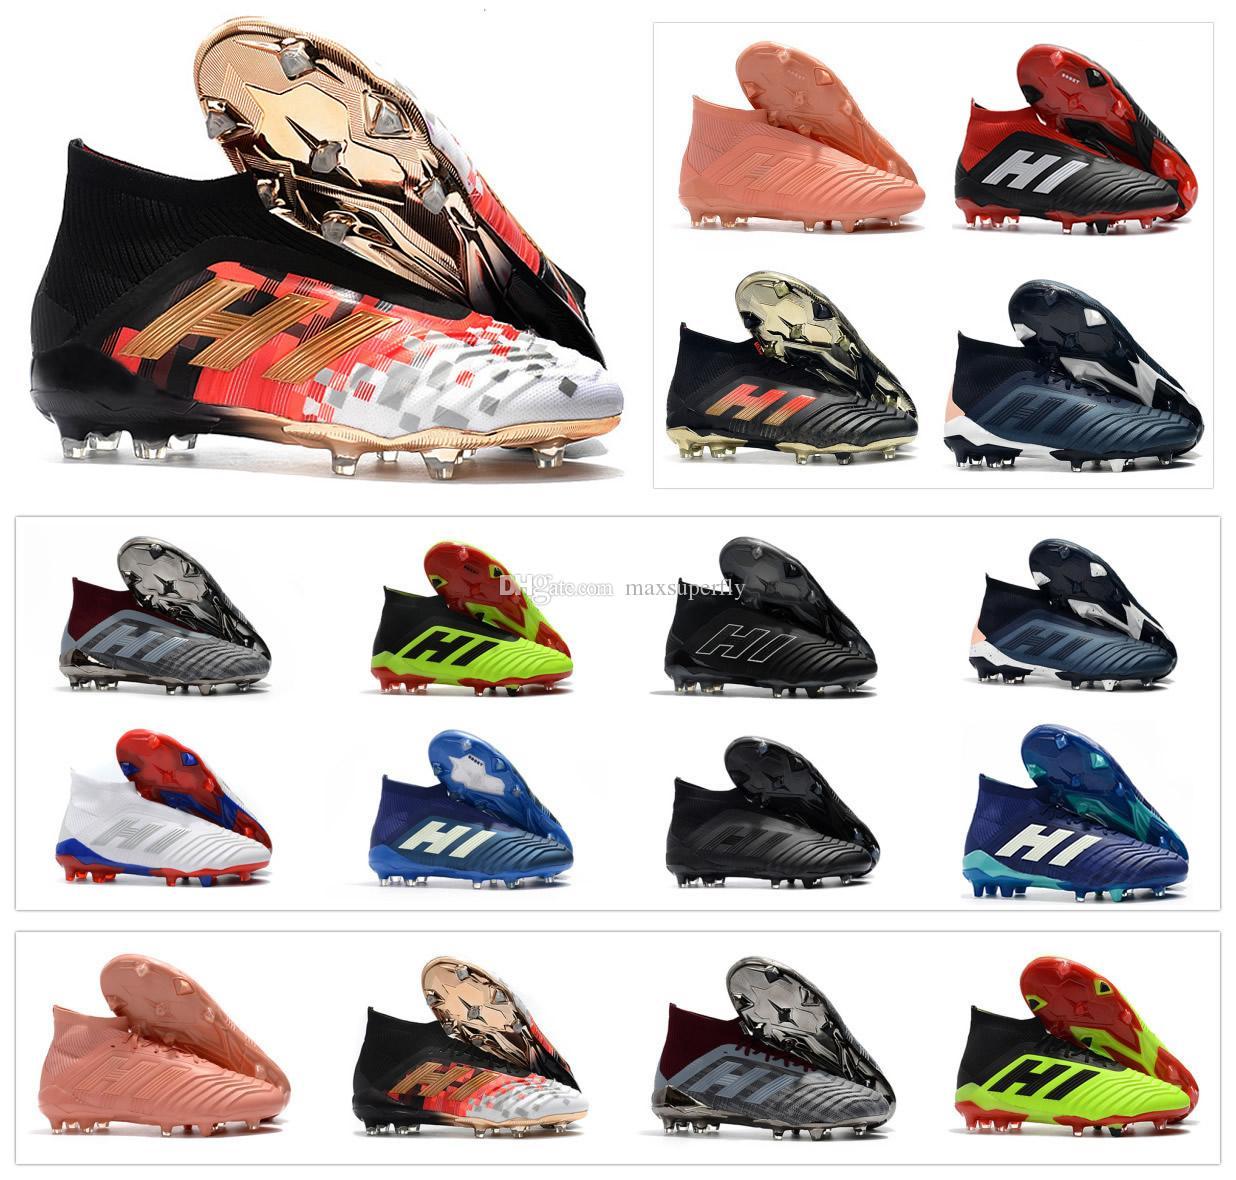 Predator 18 Predator 18.1 FG PP Paul Pogba soccer 18 x tacos Slip On botas de fútbol para hombre zapatos de fútbol top high size Tamaño 39 45